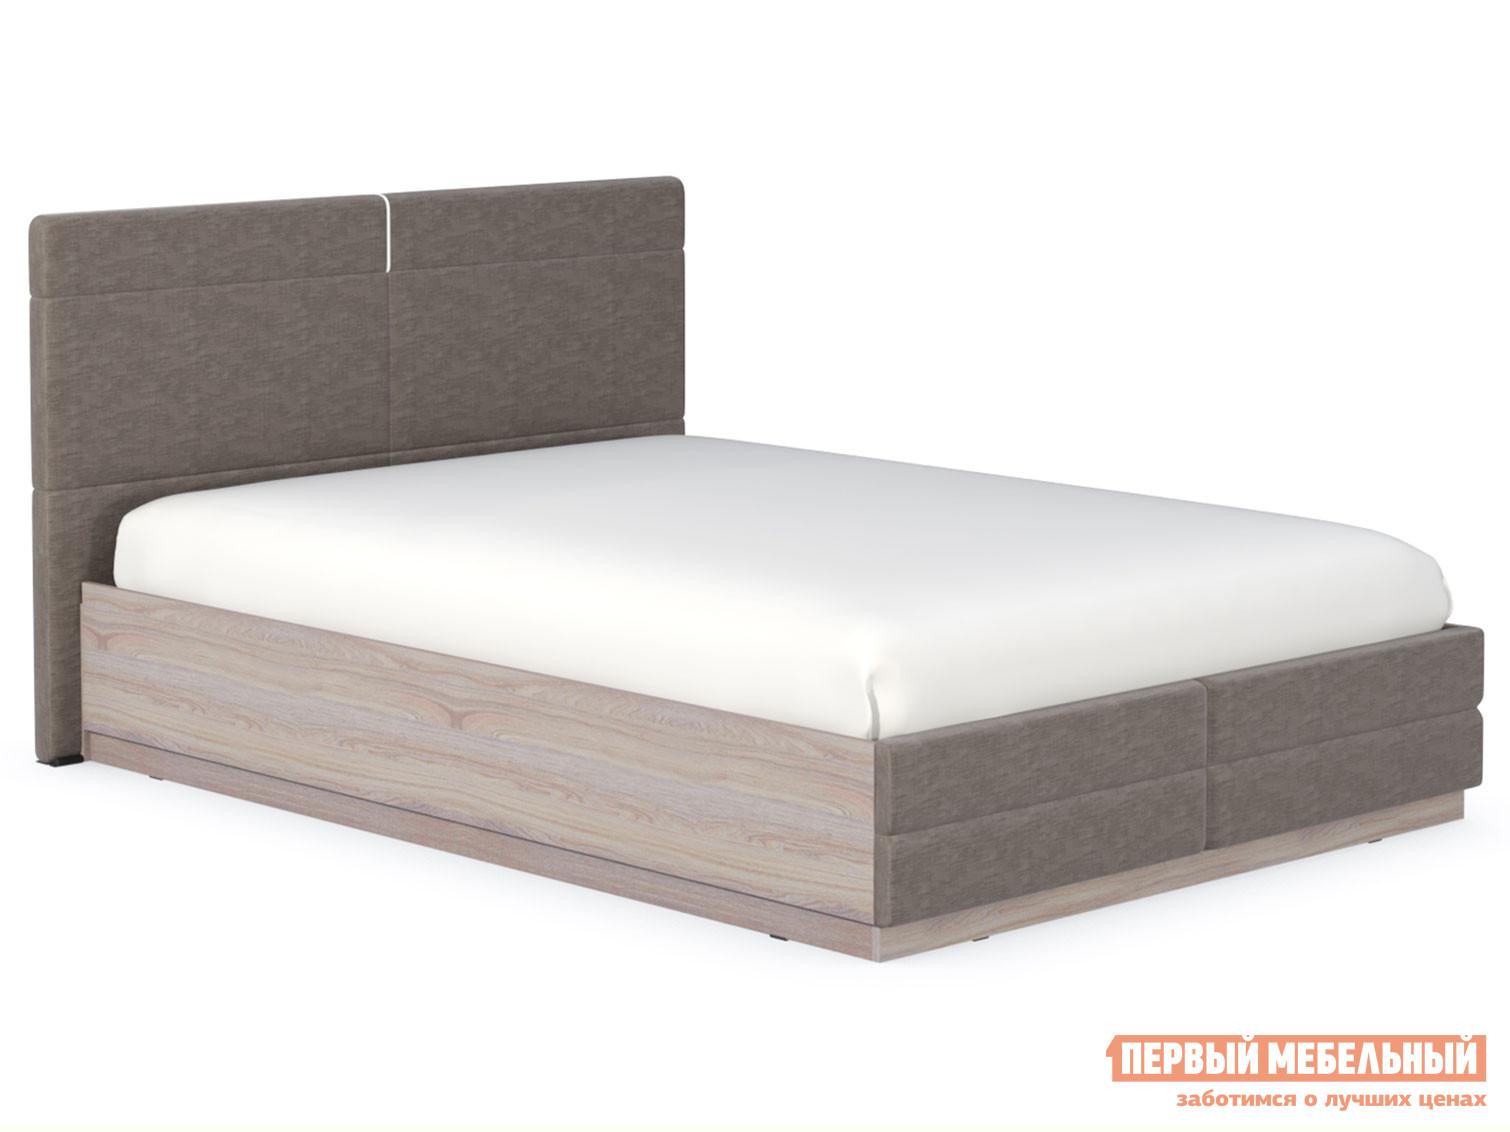 Двуспальная кровать  Элен Кровать двойная Ясень Анкор светлый / Саванна Латте, 1400 Х 2000 мм